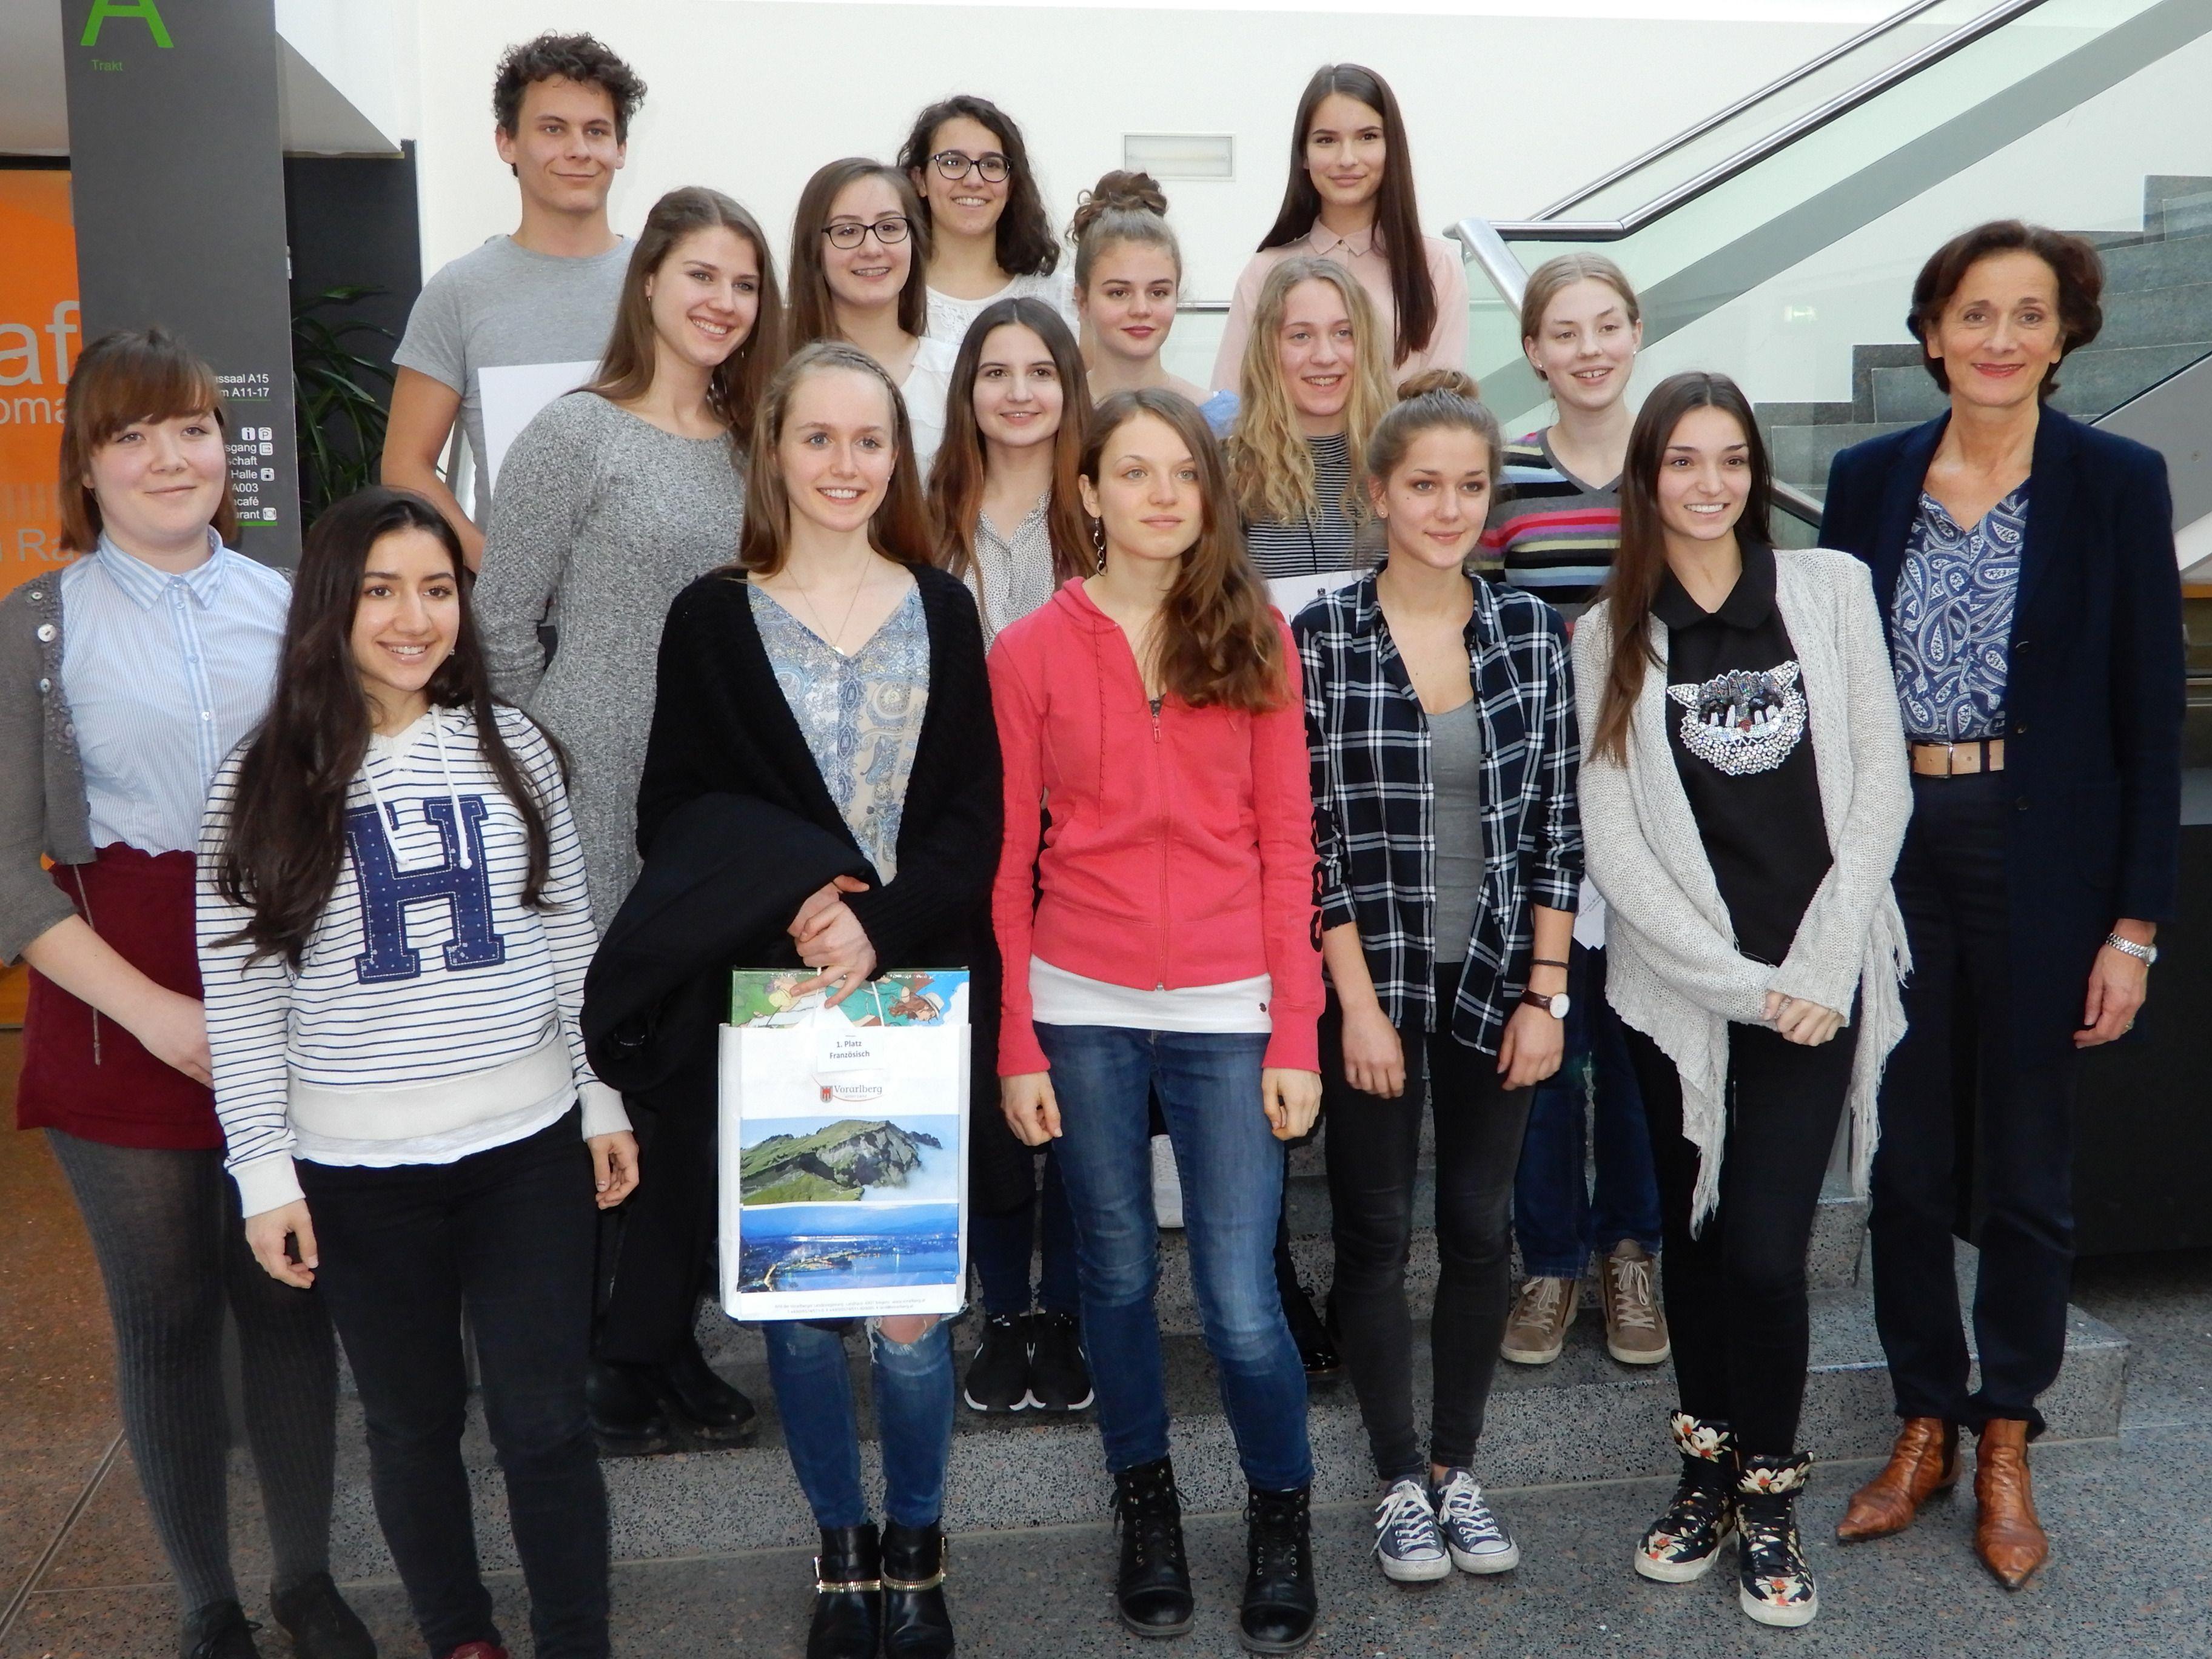 Schullandesrätin Bernadette Mennel gratulierte den stolzen Siegern des Fremdsprachenwettbewerbes.